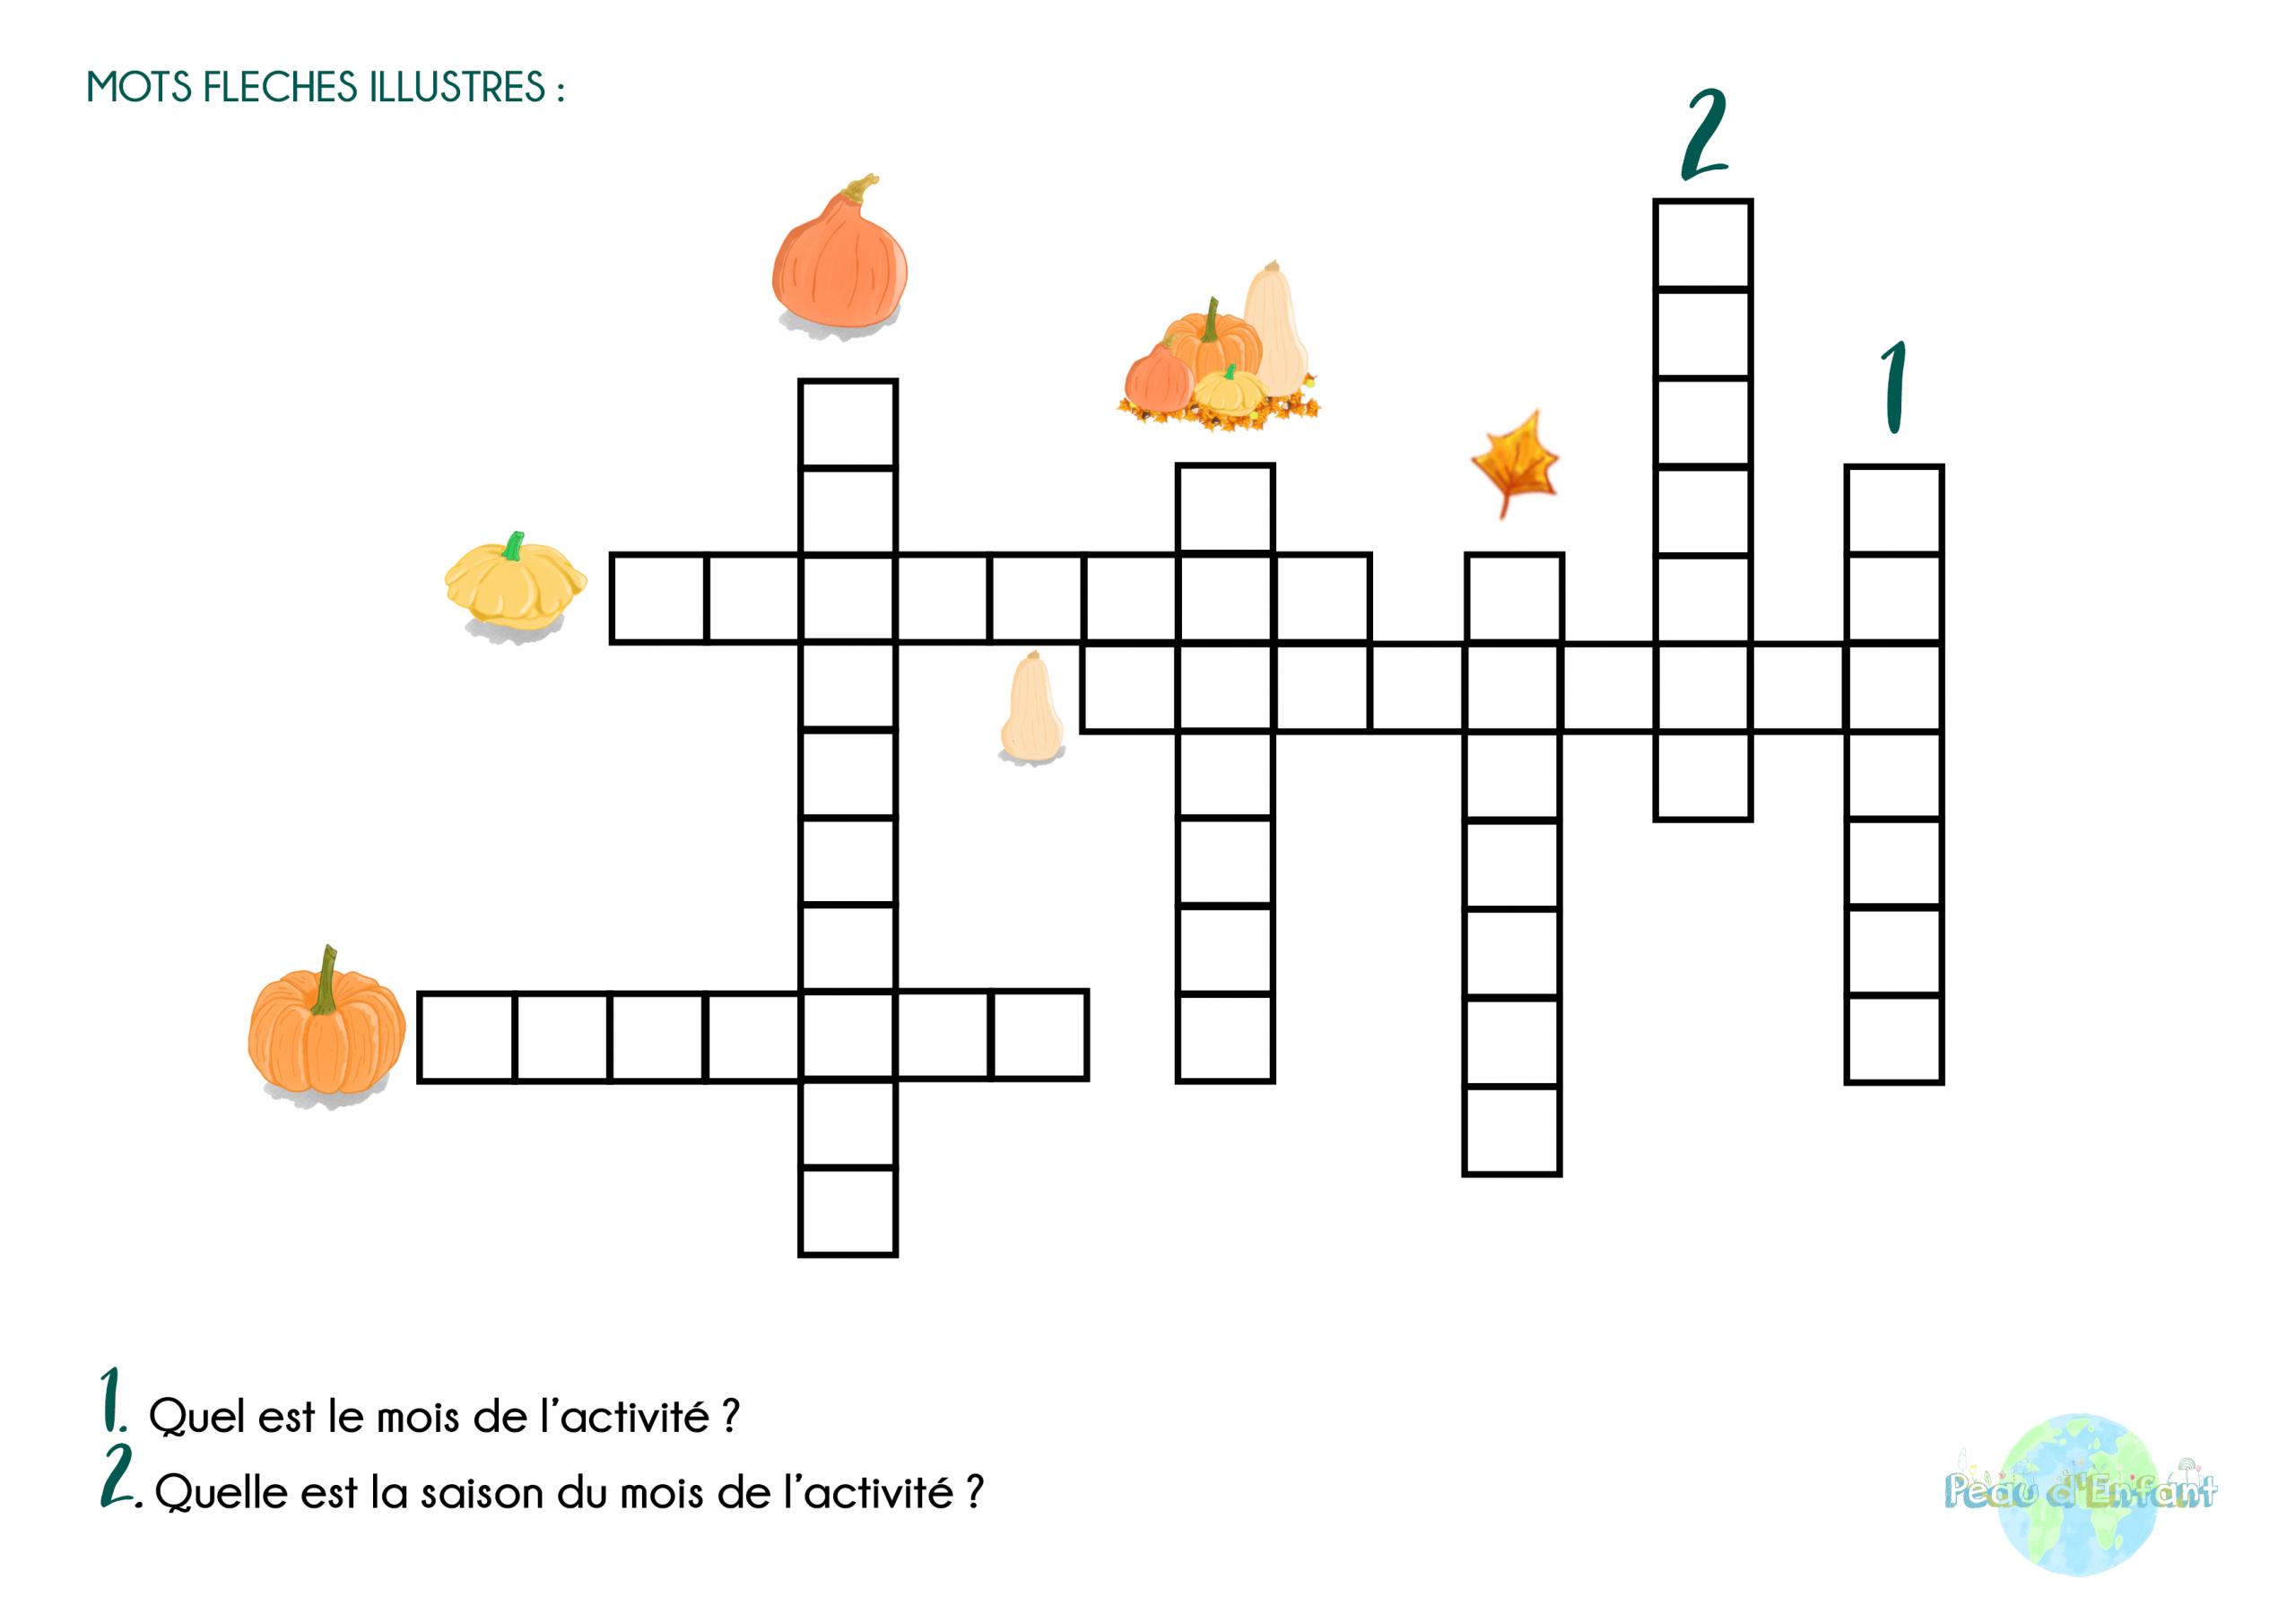 Kit Activités Fruits Et Légumes : Octobre Et Les Courges intérieur Mot Fleches Enfant